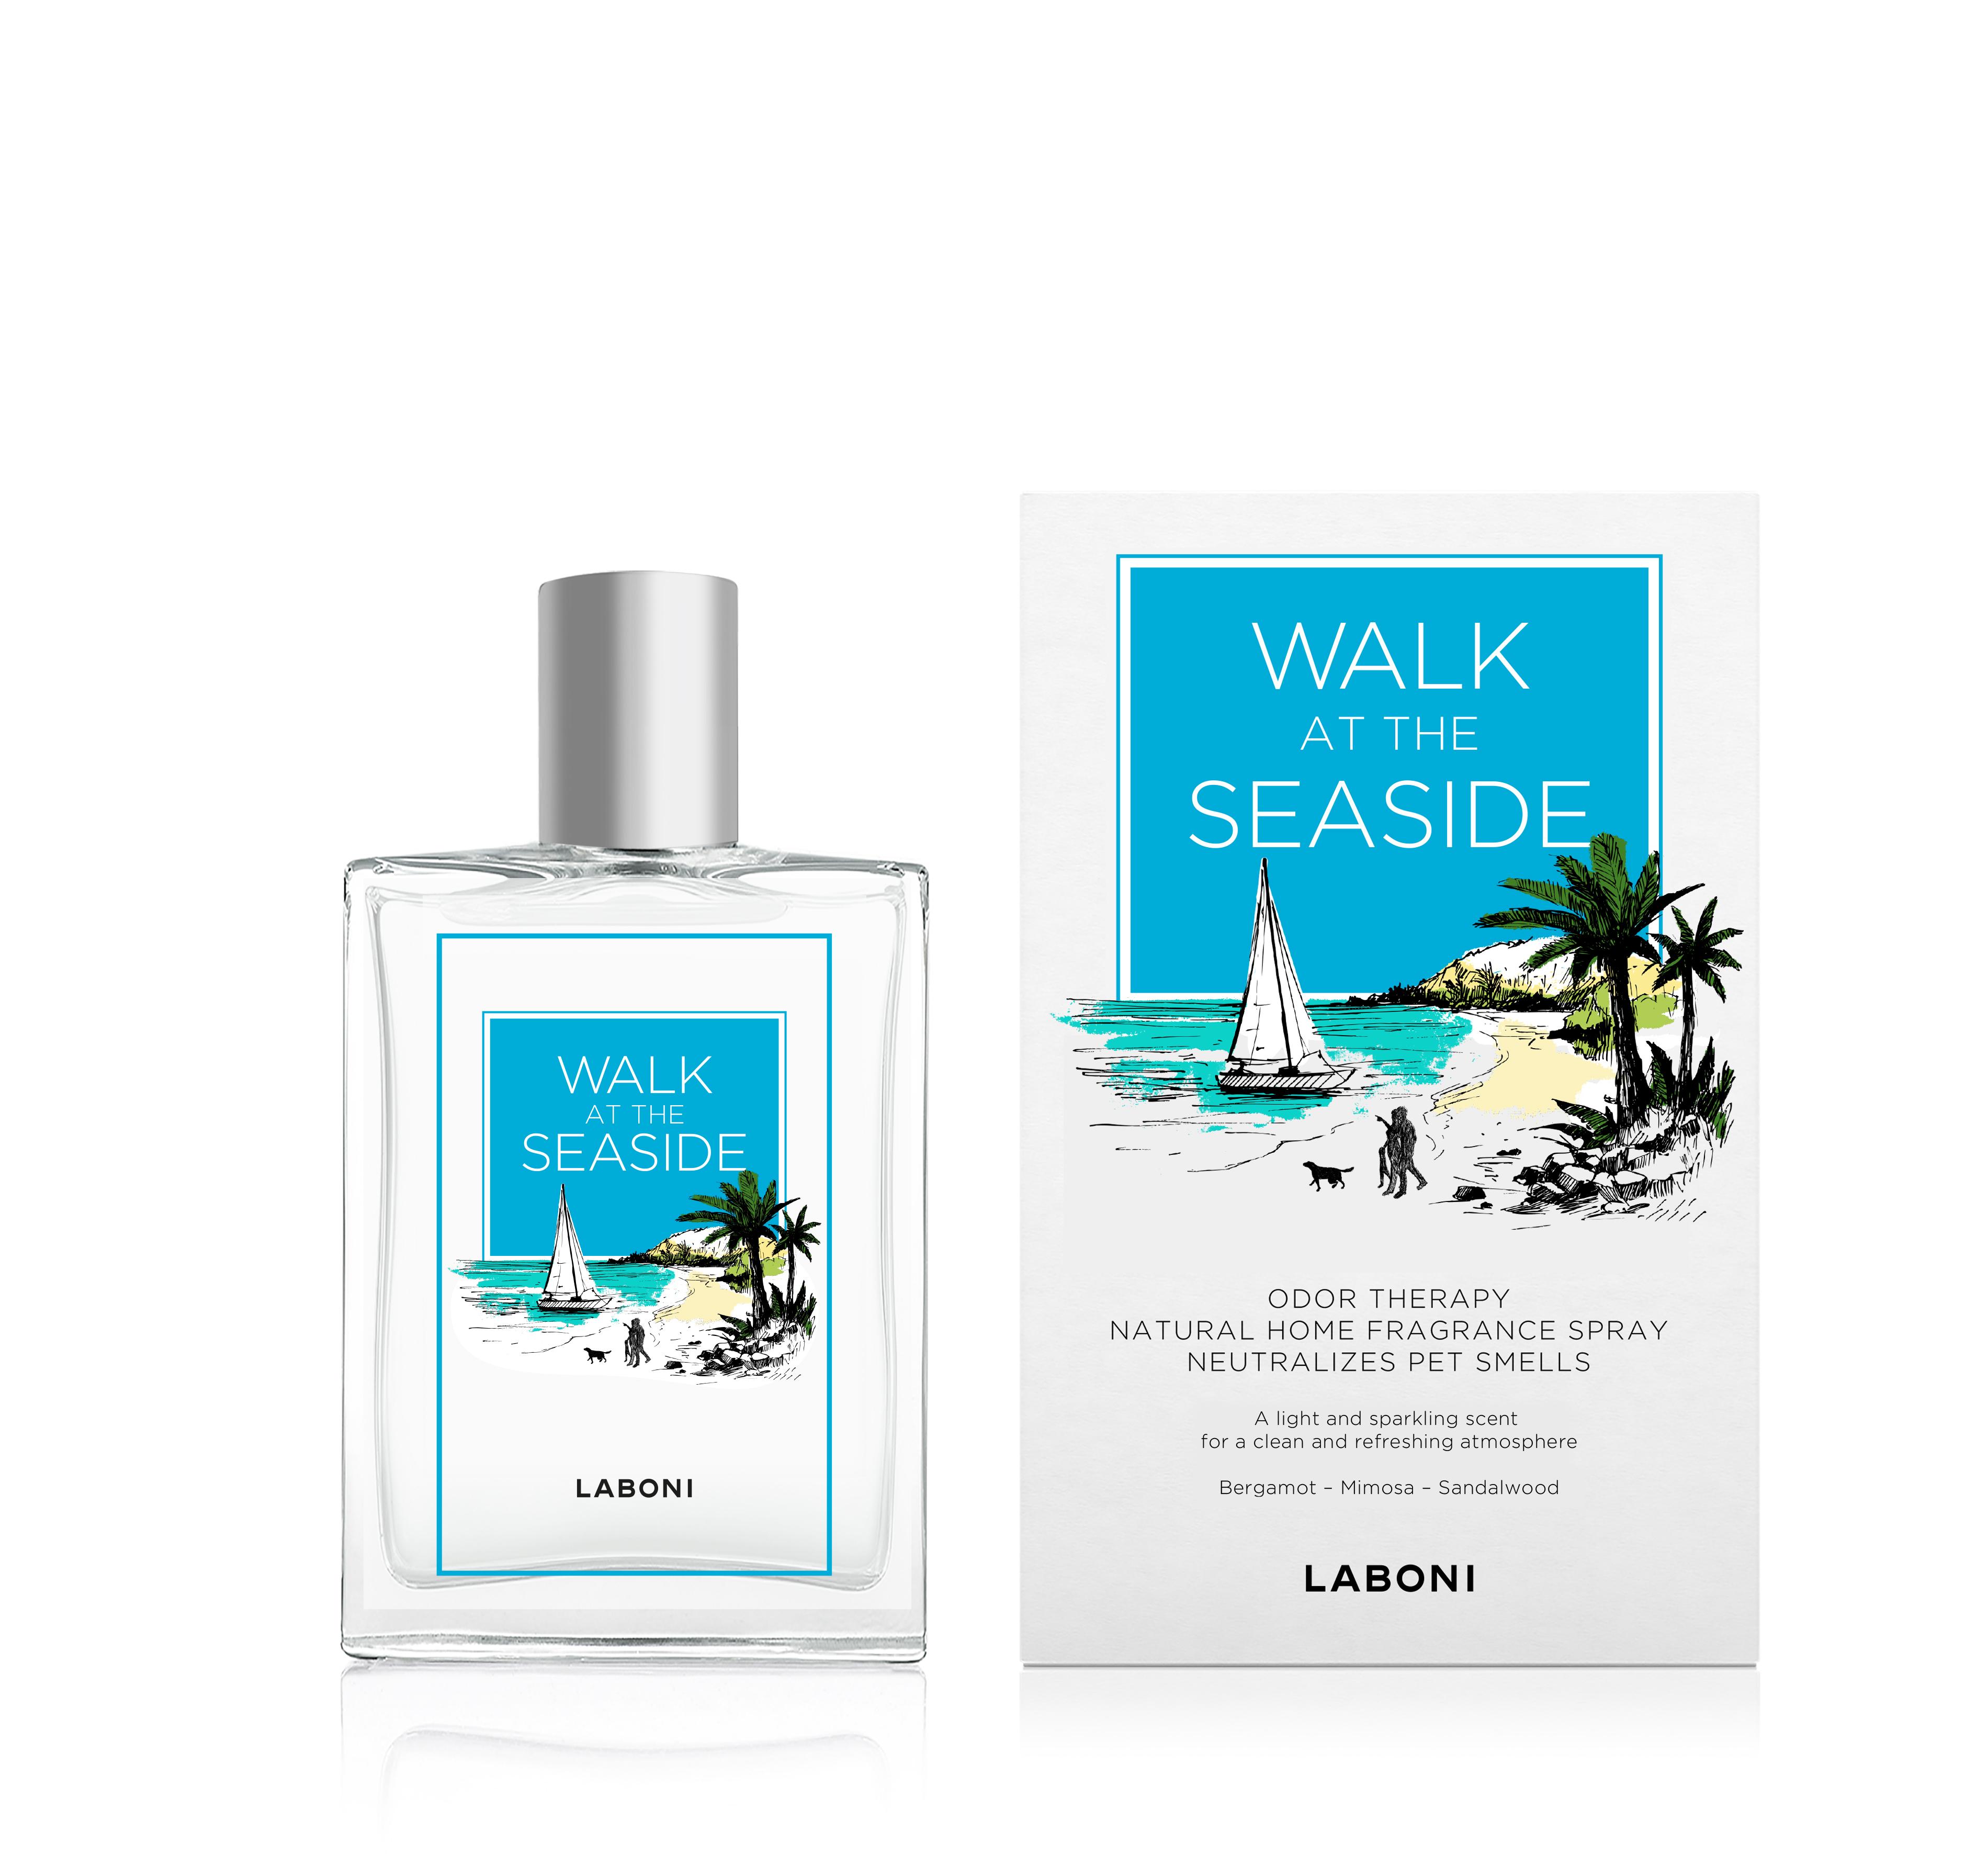 Laboni Duft-Spray Walk at the Seaside blau 100ml